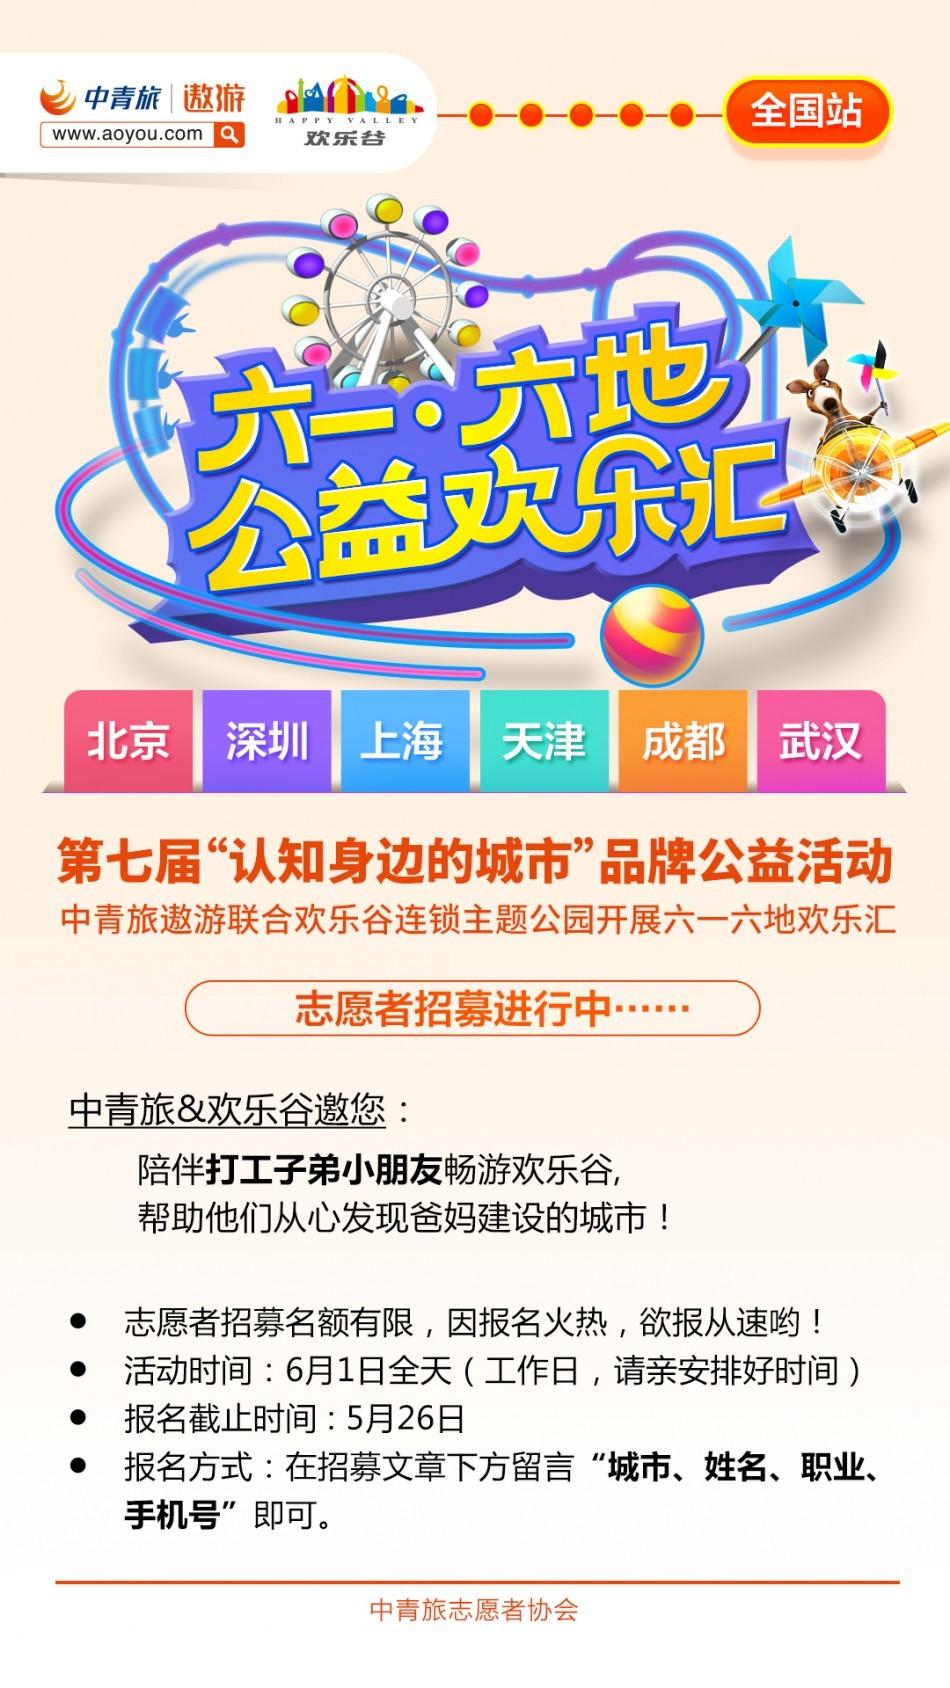 全国招募海报(图片1).jpg